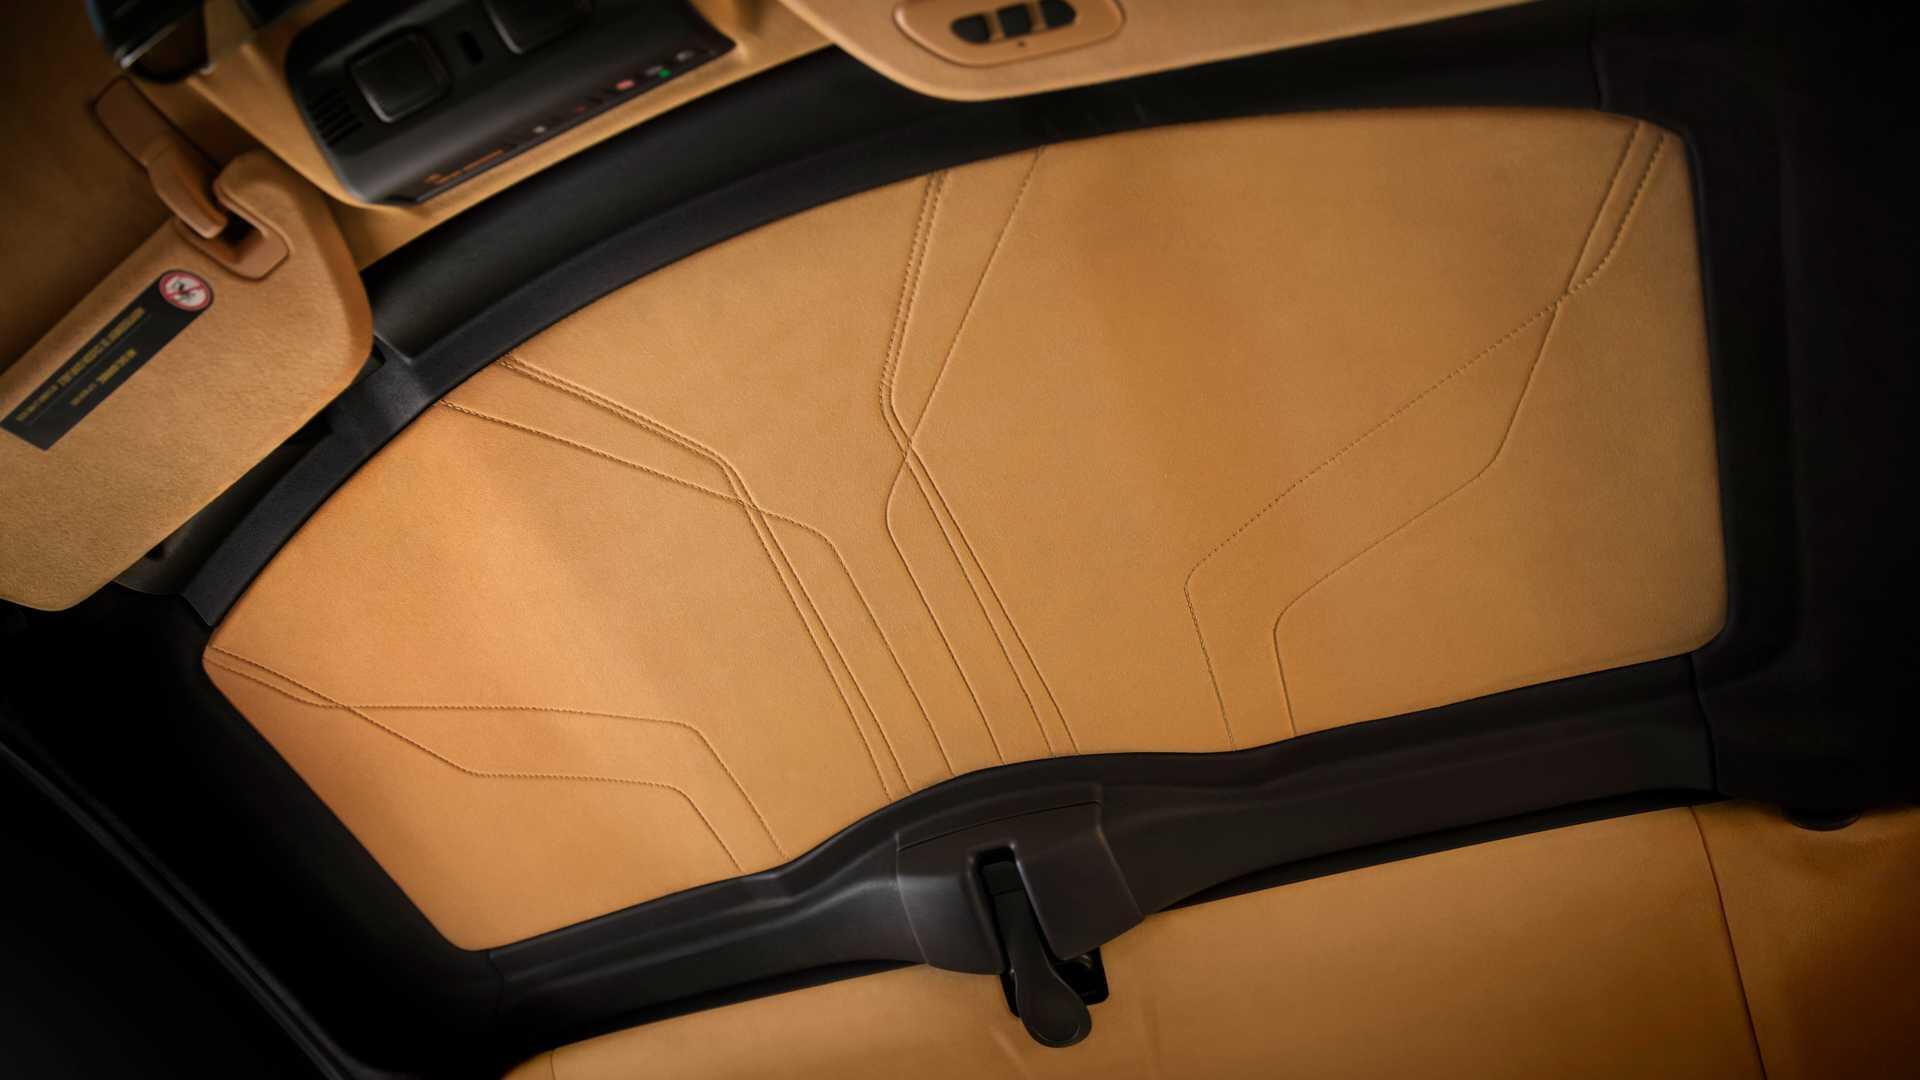 https://cdn.dailyxe.com.vn/image/chevrolet-corvette-2020-co-mot-so-tinh-nang-an-tuyet-voi-84-94589j2.jpg